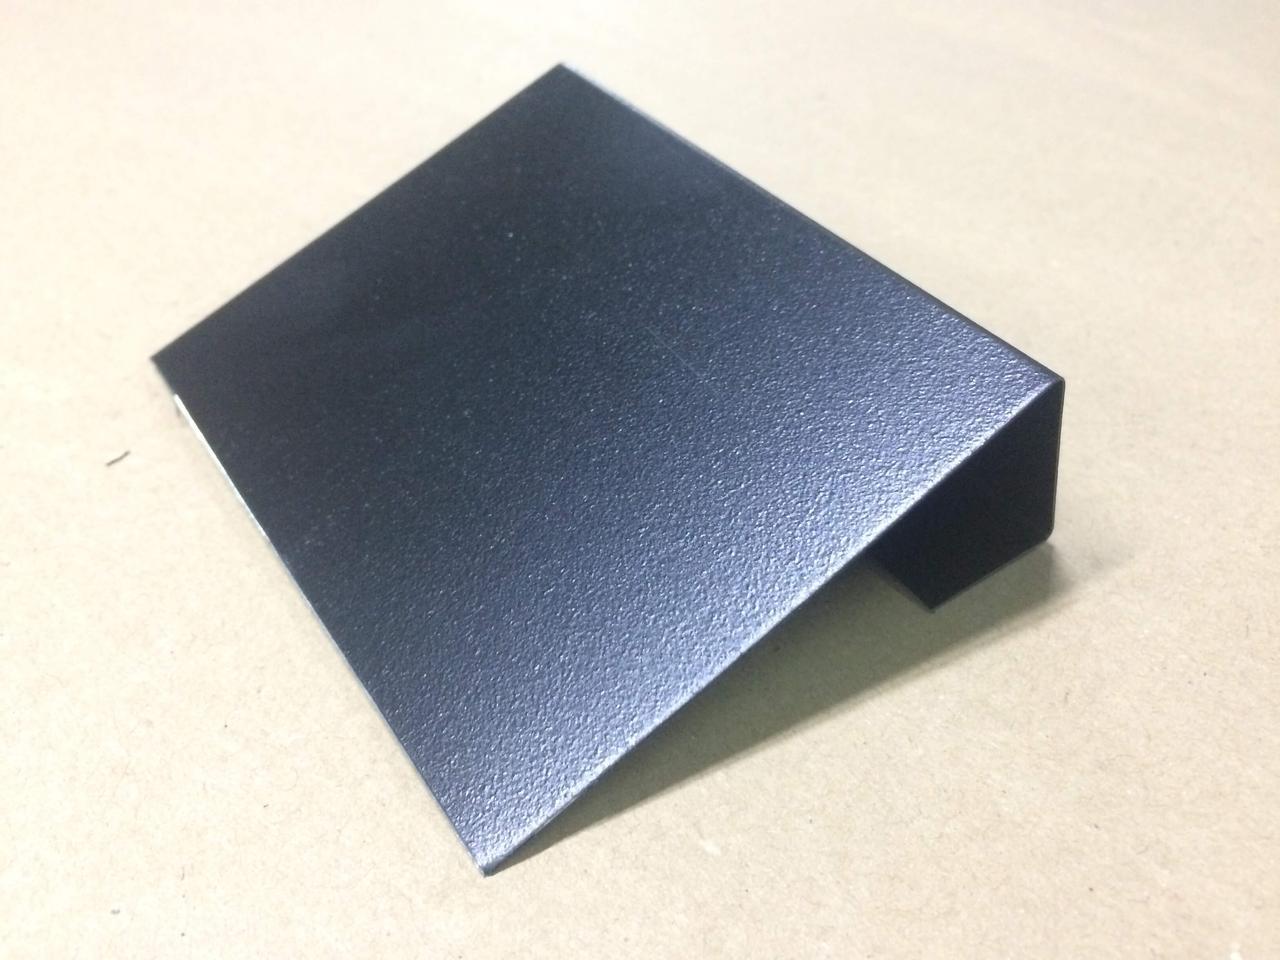 Меловой ценник 5х7 см с подставкой (для надписей мелом и маркером) грифельный. Крейдовий цінник